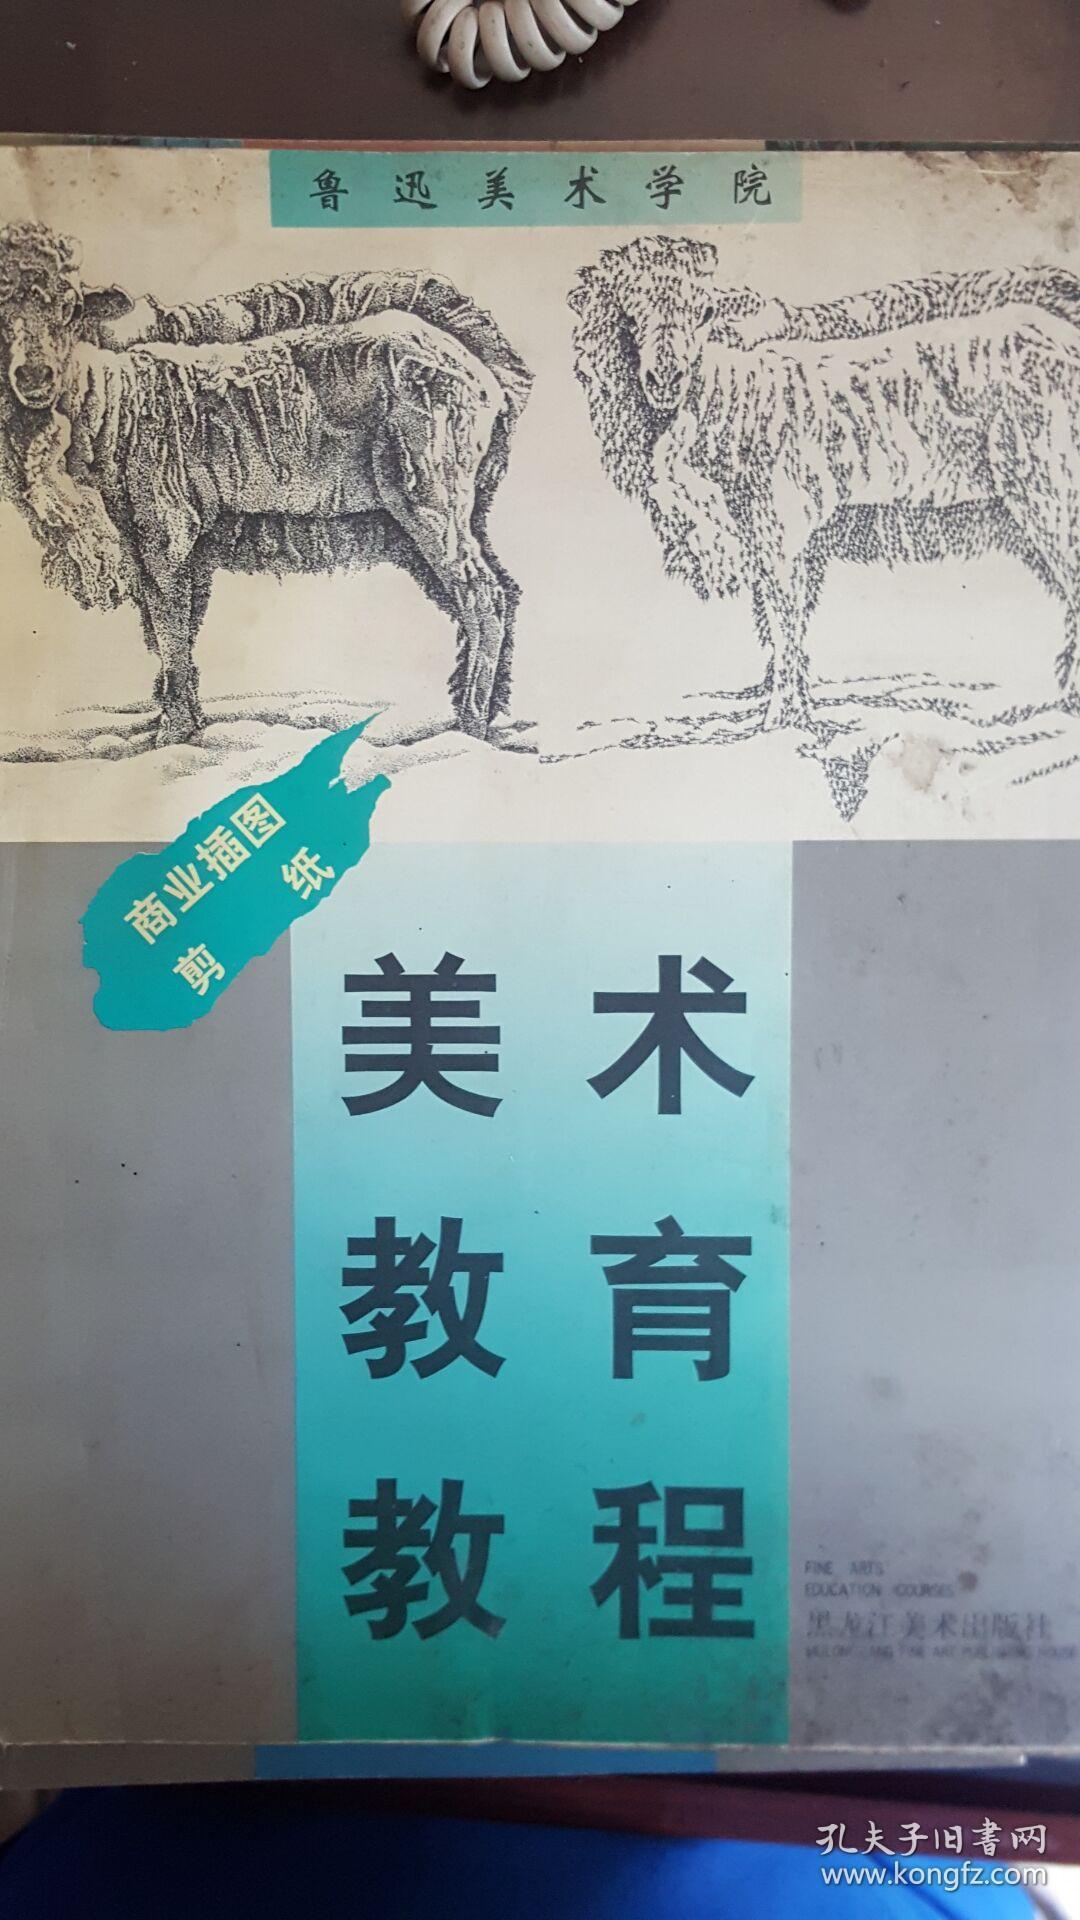 鲁迅美术学院美术教育教程.商业插图 剪纸